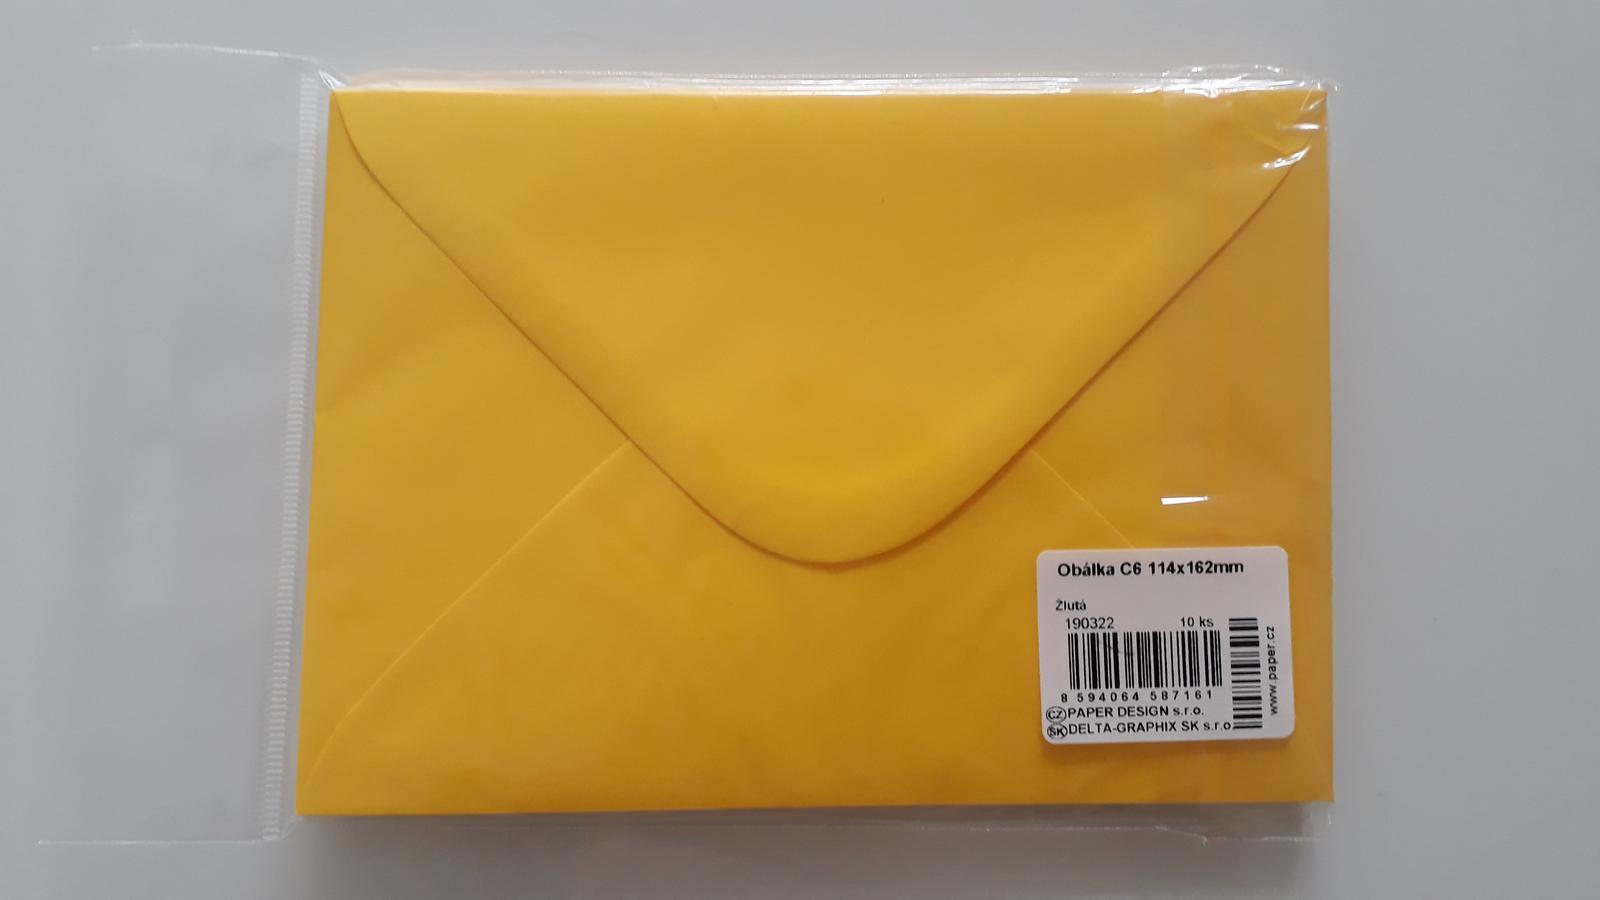 Žlutá dopisní obálka C6, 80g, 114x162mm, NOVÁ, 10ks - Obrázek č. 1